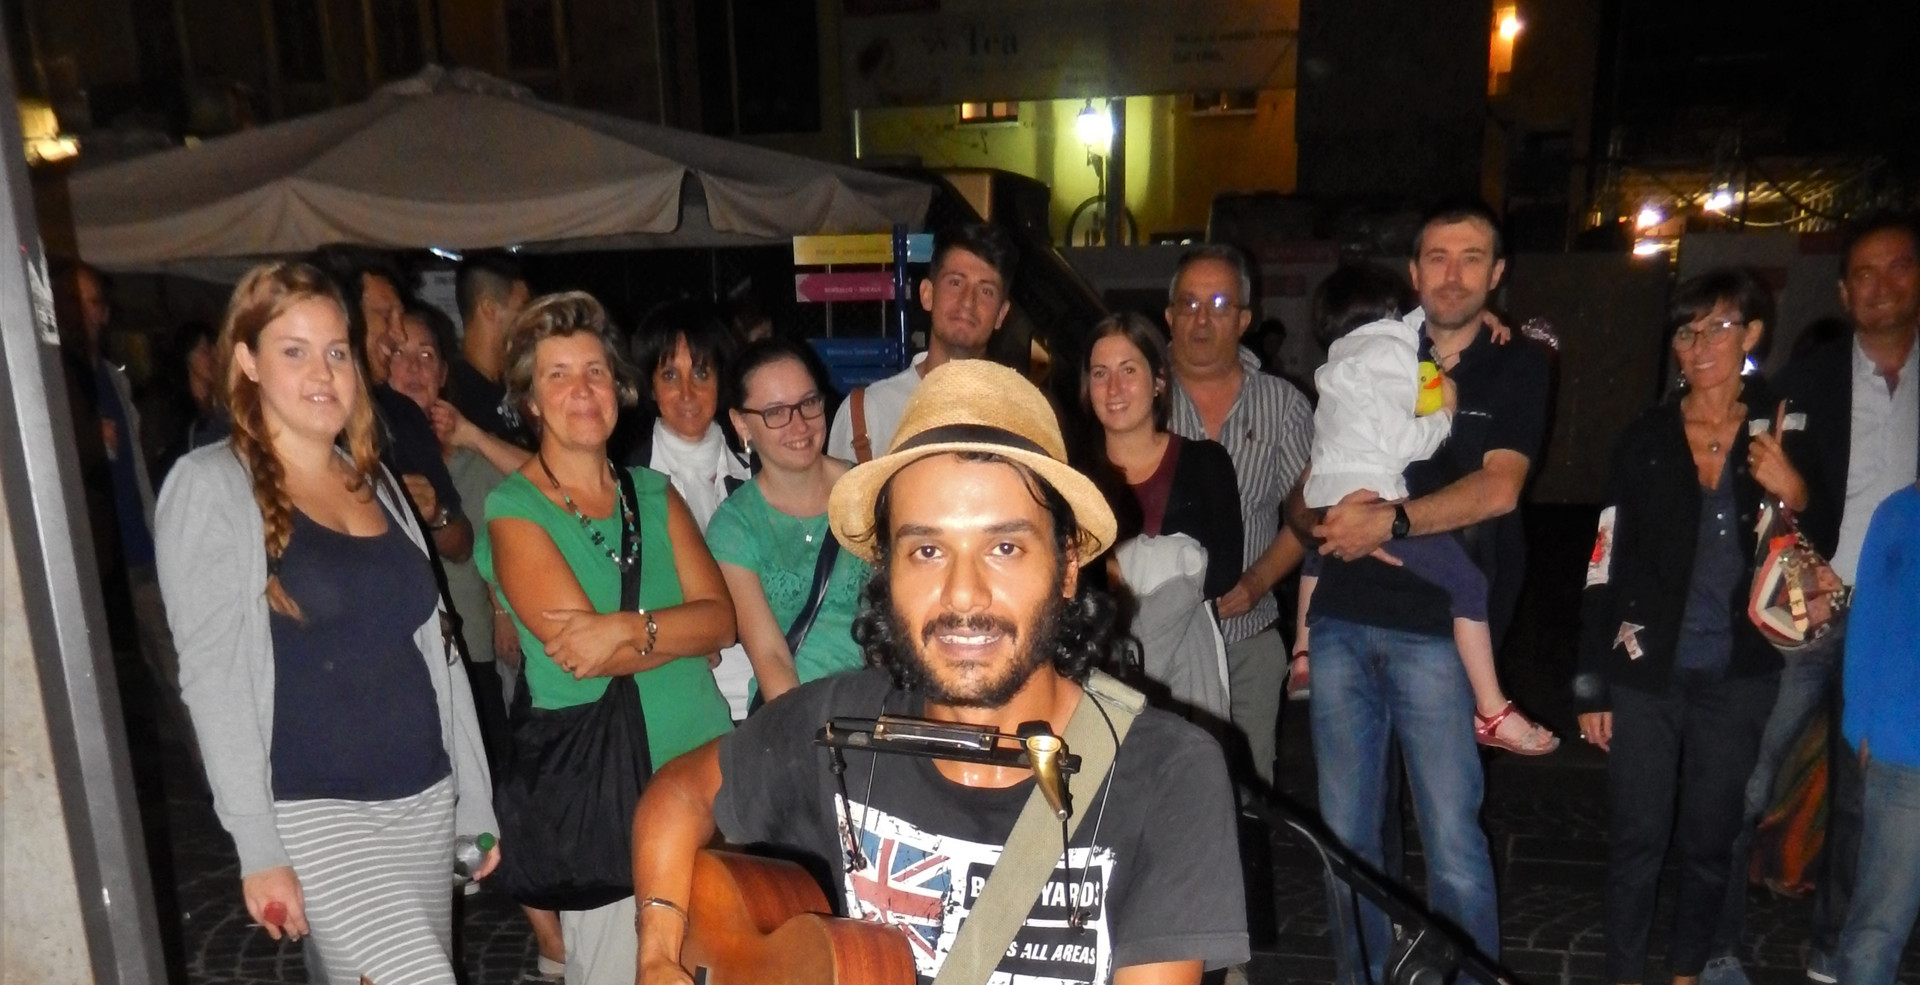 20150912_FieraVintage_Mantova (8).JPG